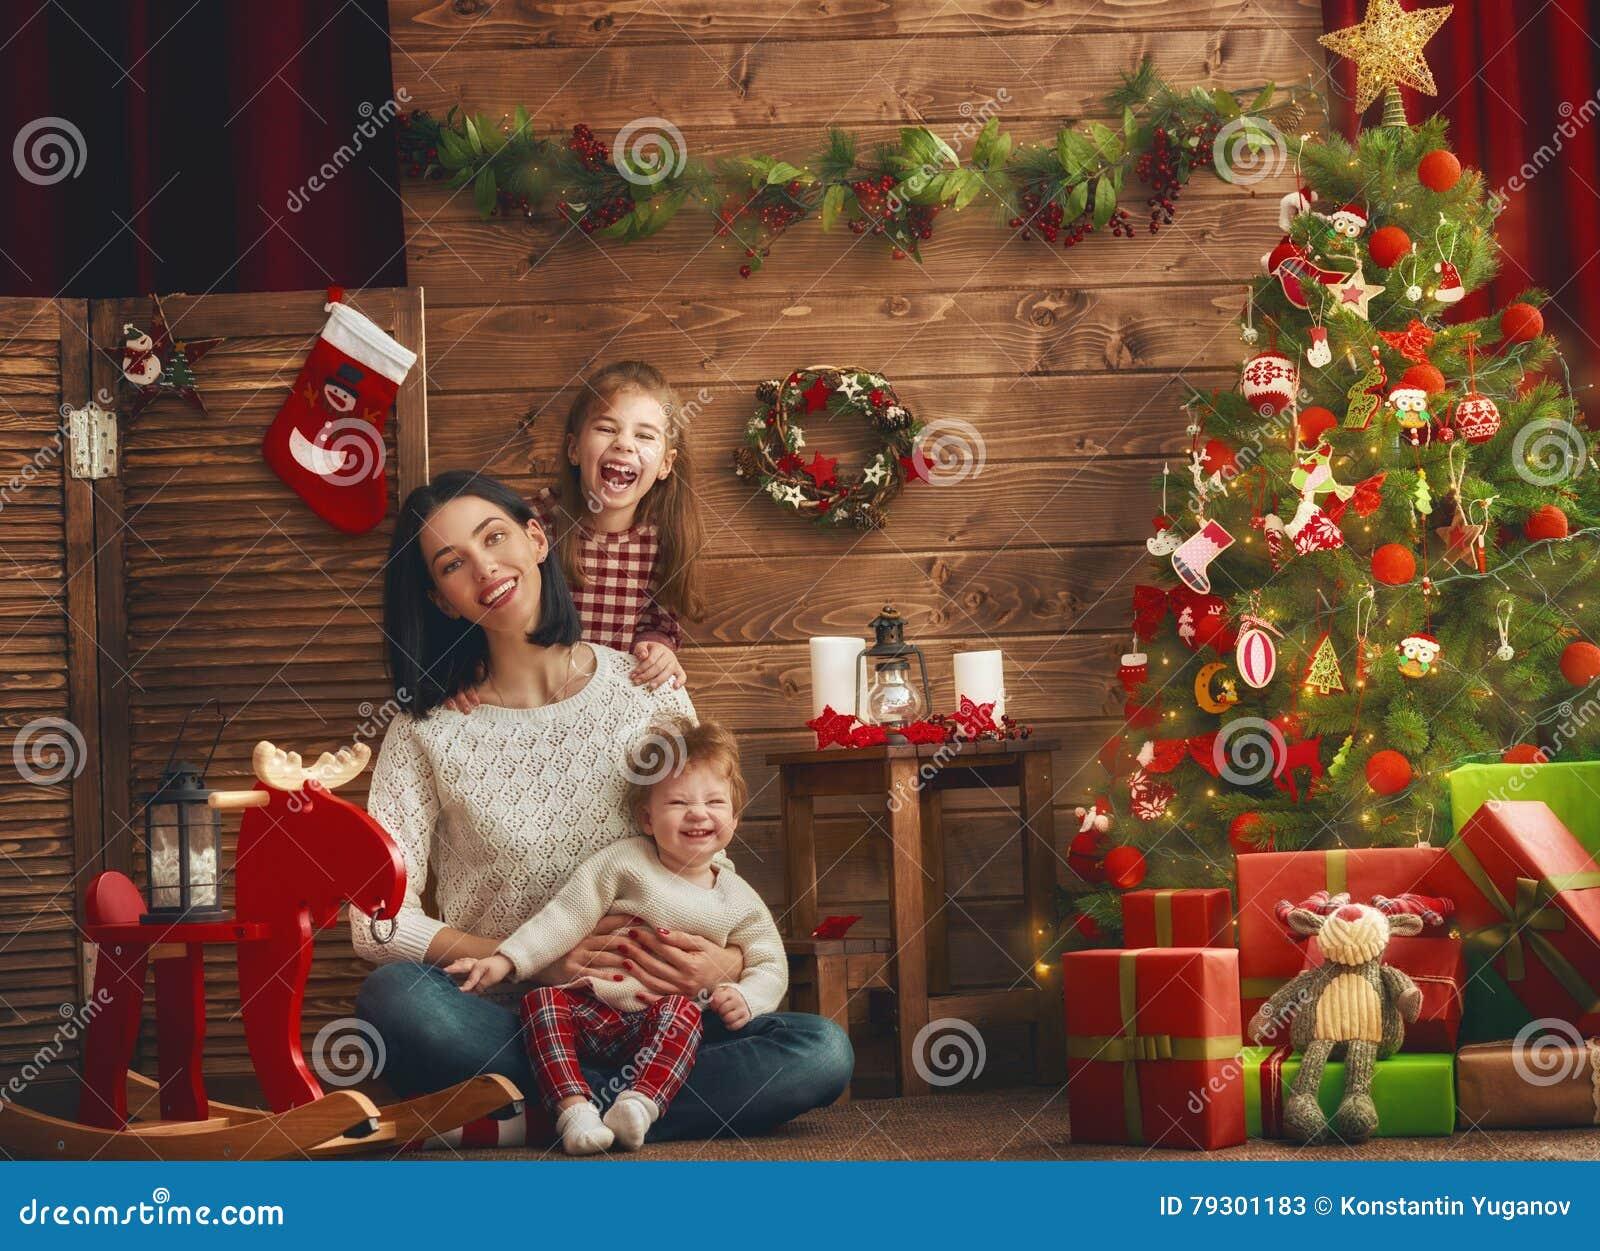 Frohliche weihnachten zuhause download